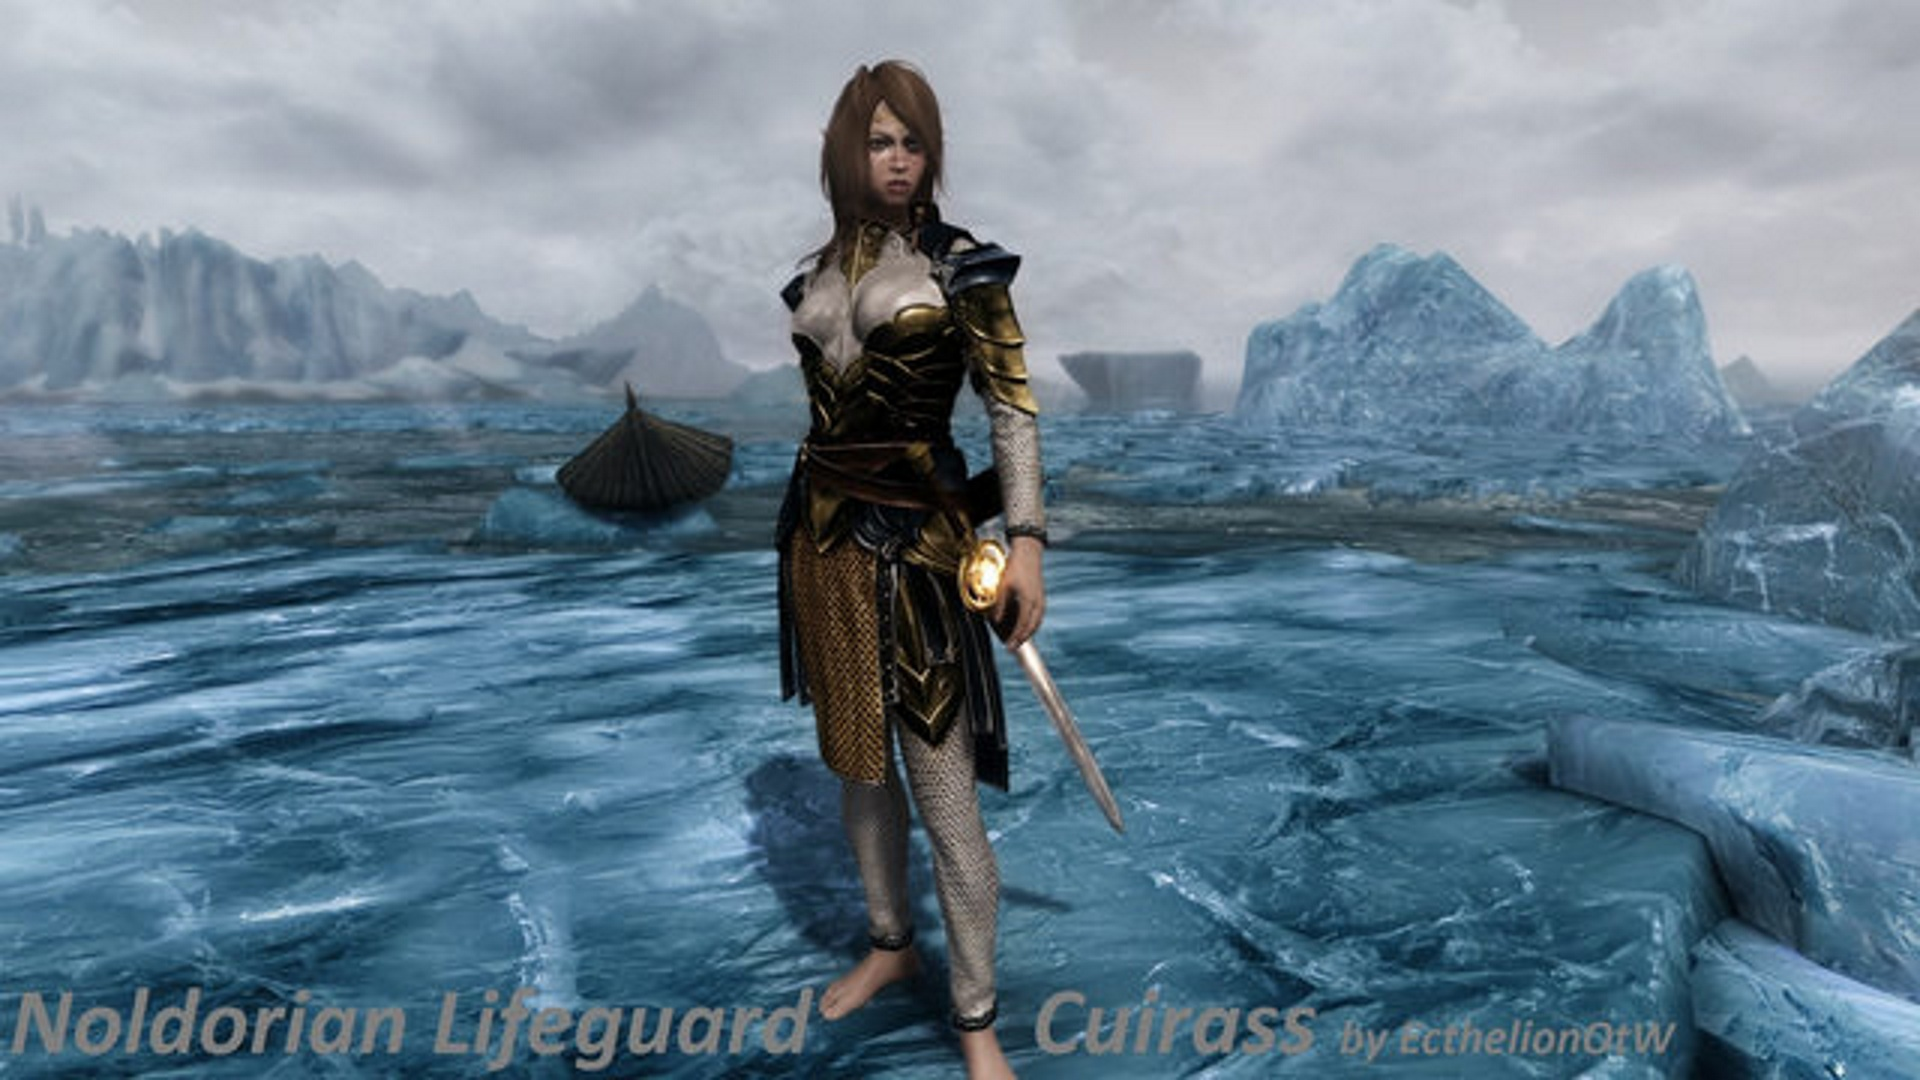 Noldorian_Lifeguard_Cuirass.jpg